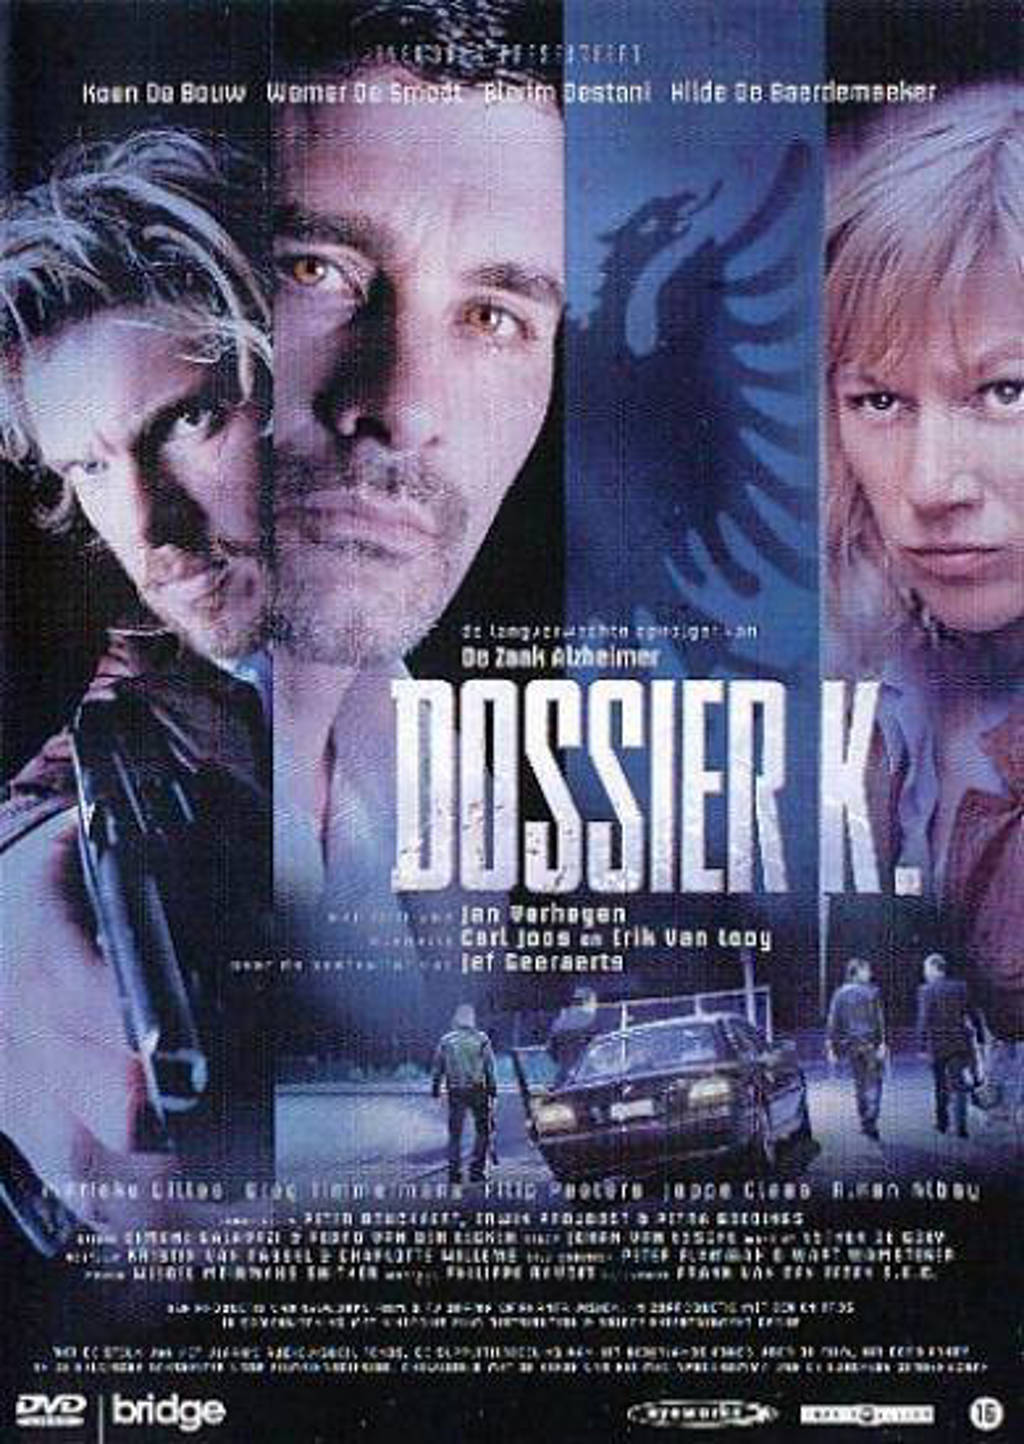 Dossier K. (DVD)